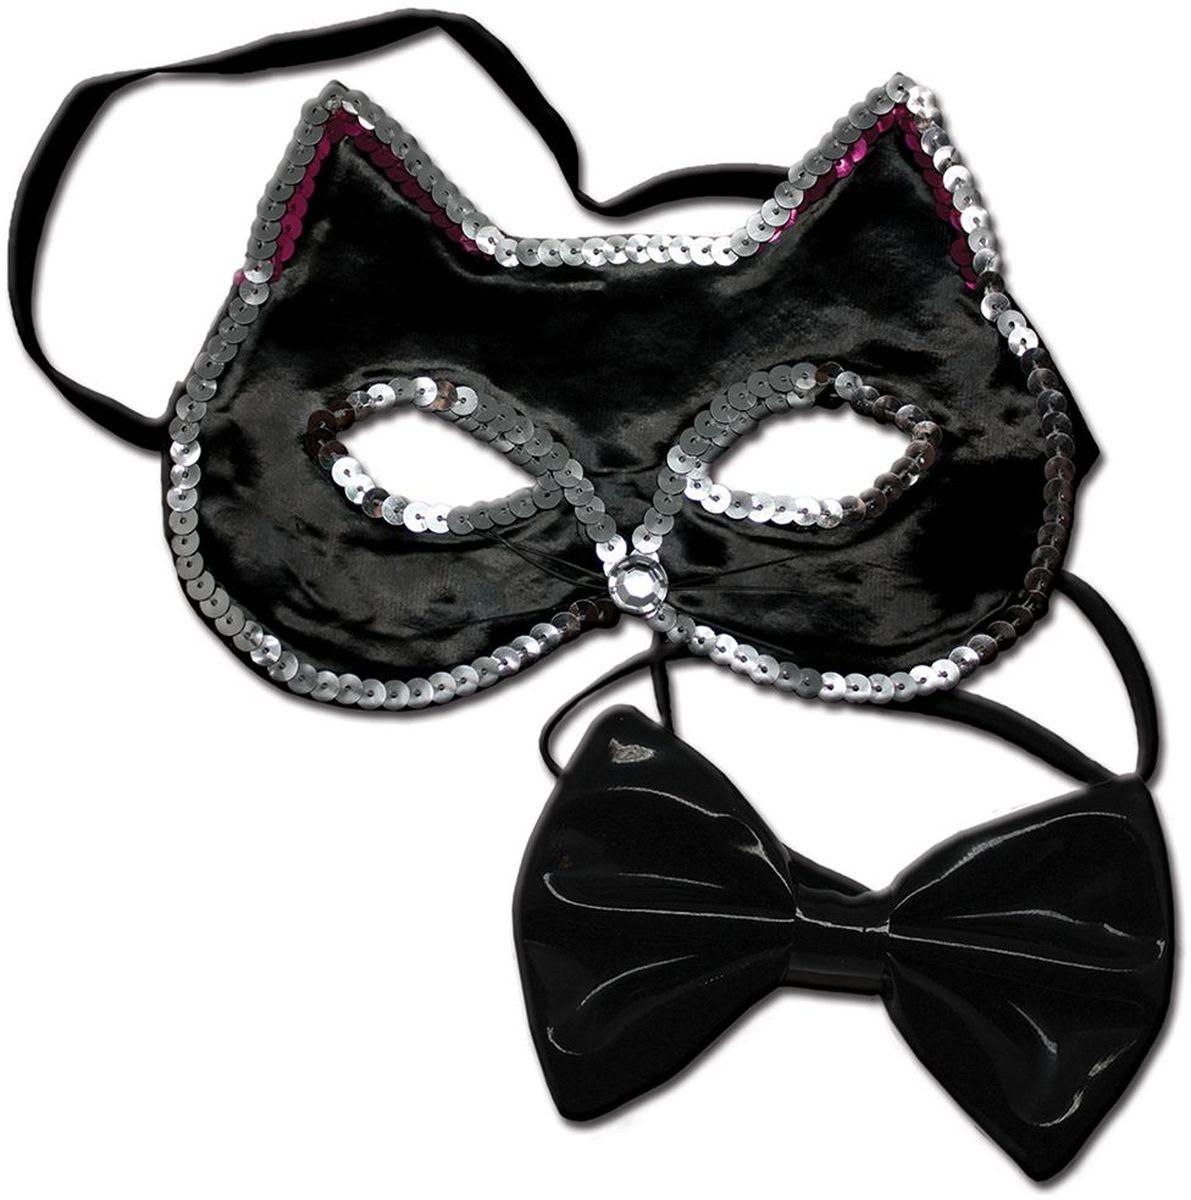 Partymania Праздничный ободок Маска кошечки с бабочкой T1224 цвет чернаяT1224_чернаяИзделие развлекательного характера. Красочное дополнение к карнавальному костюму. Праздник станет ярким м красочным!